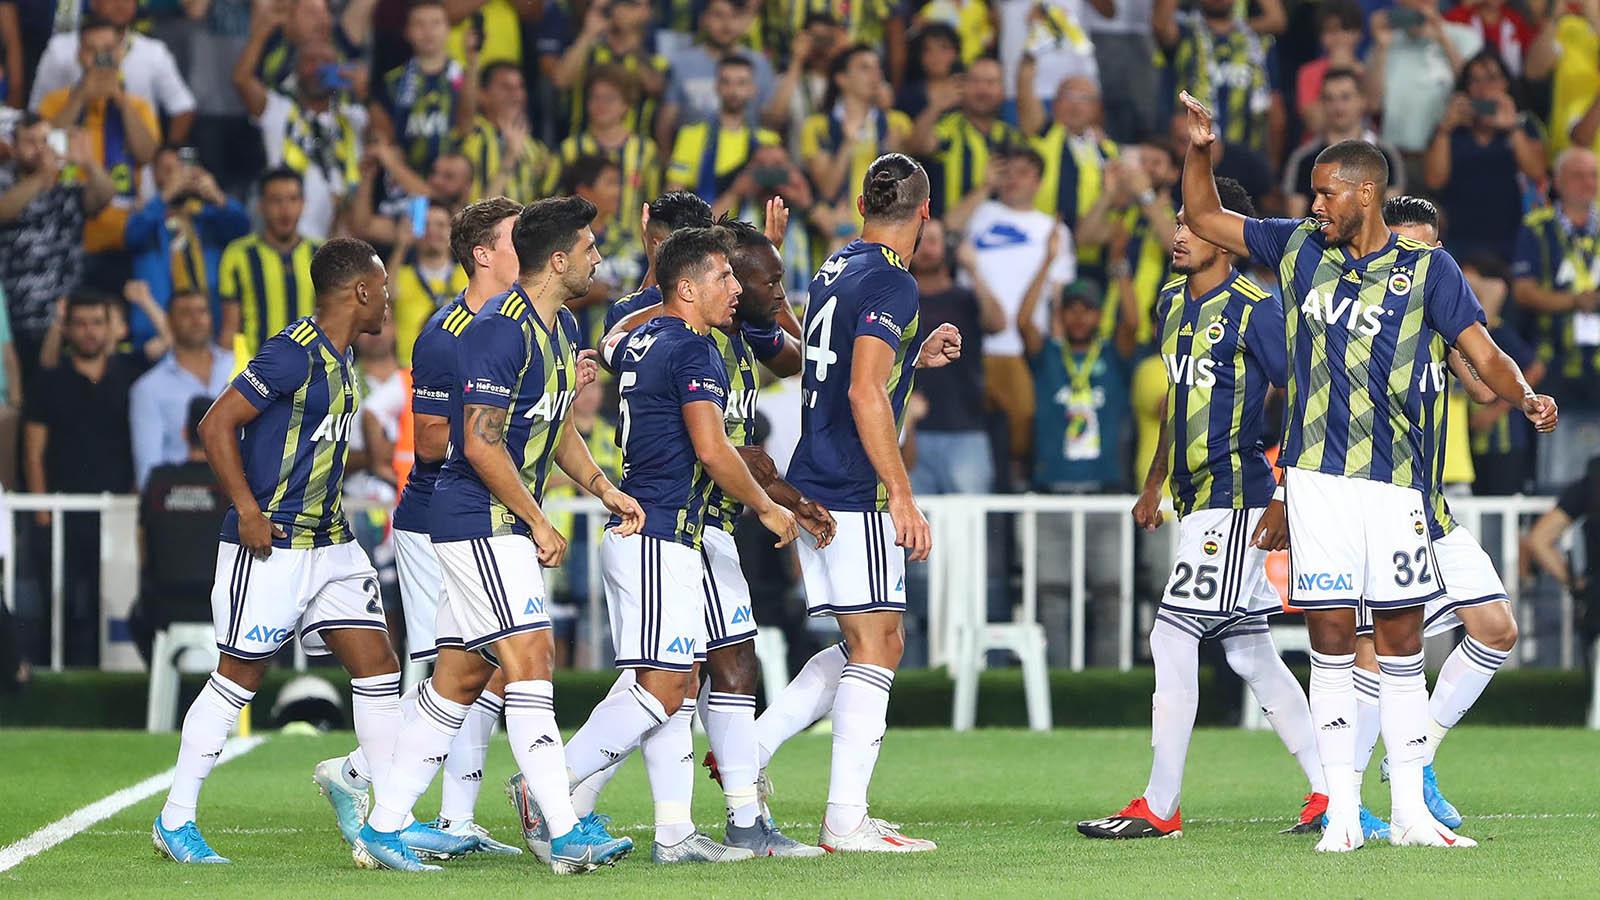 Fenerbahçemiz Bursaspor ile karşılaşıyor